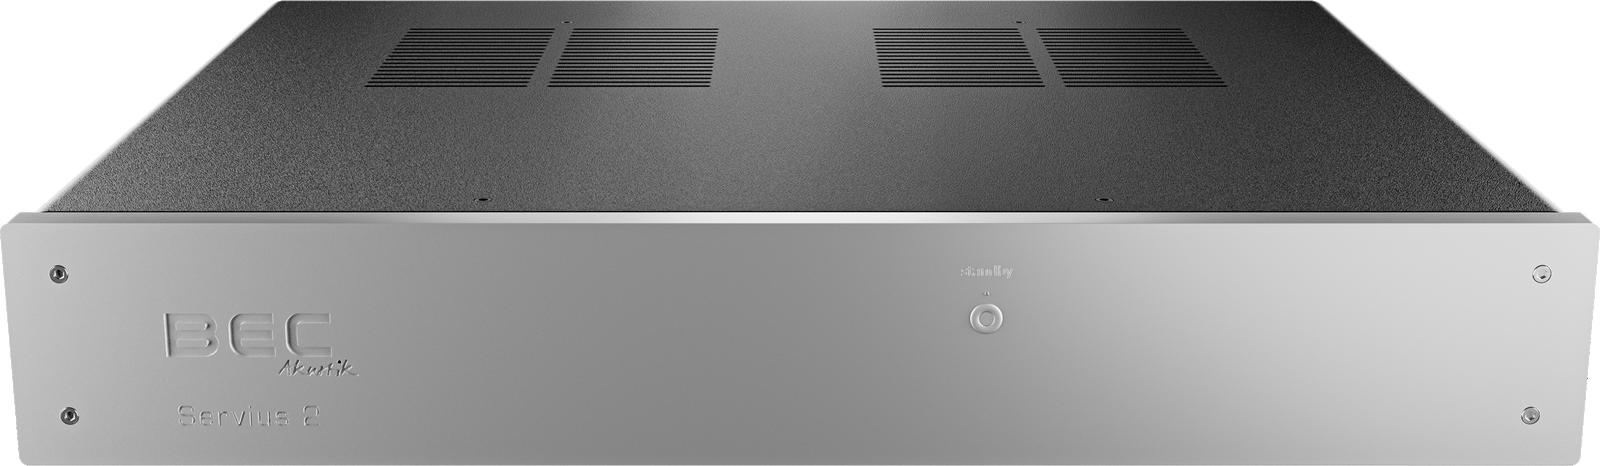 Audioserver Servius2